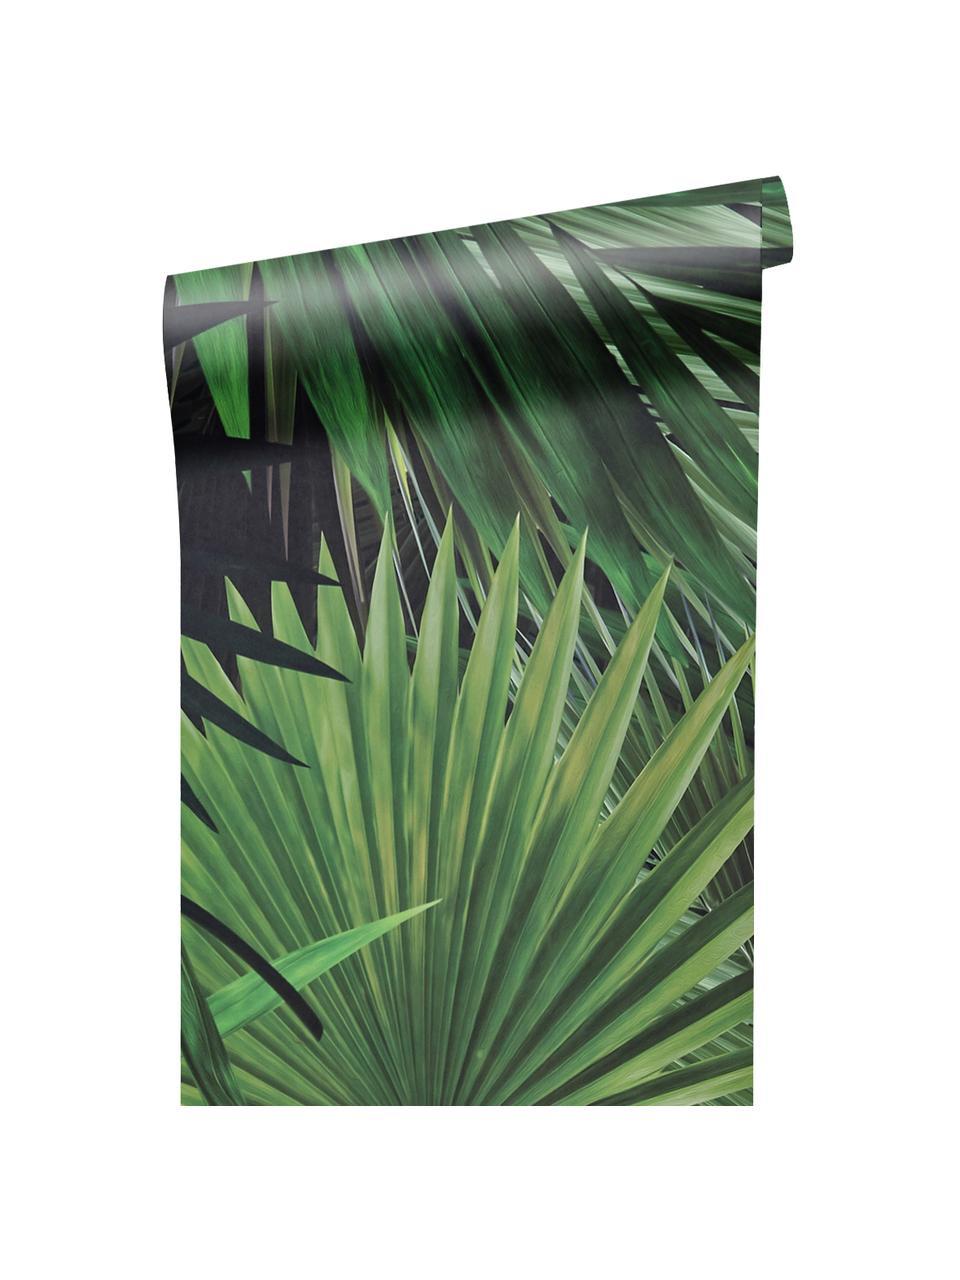 Tapete Palm Leaves, Vlies, umweltfreundlich und biologisch abbaubar, Grün, 98 x 280 cm